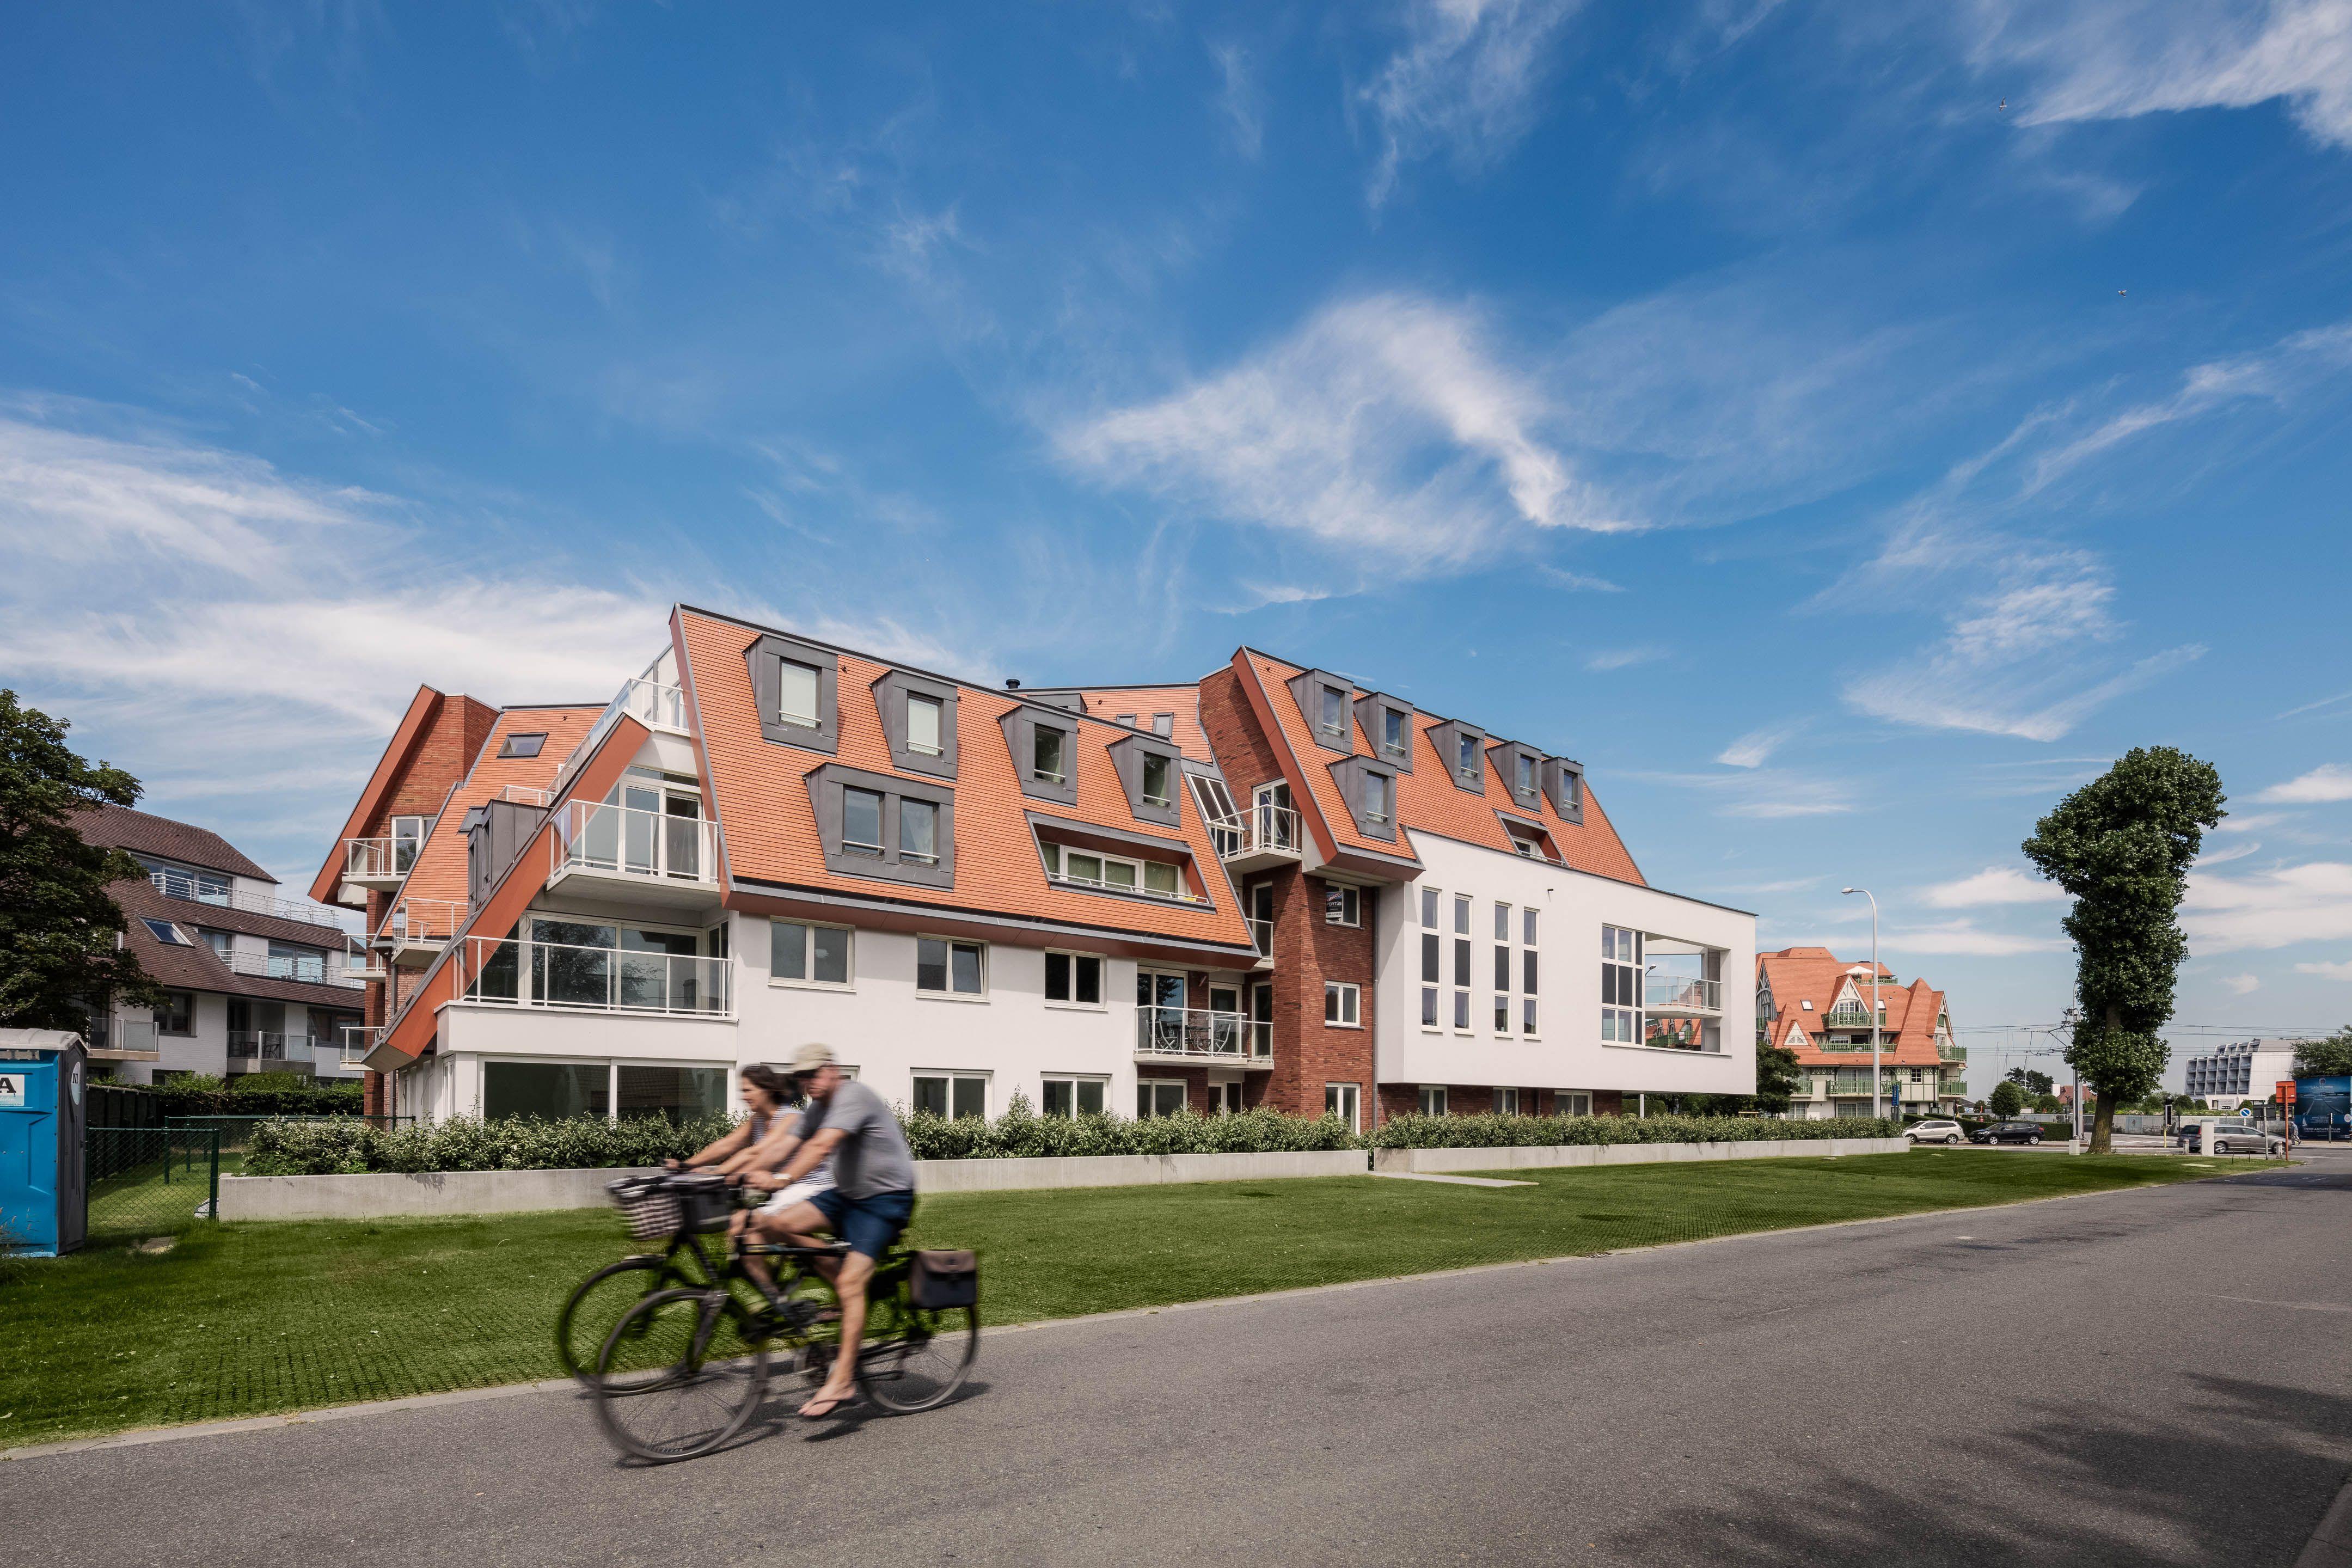 Appartement Residentie Villa Crombez Nieuwpoort - 9795